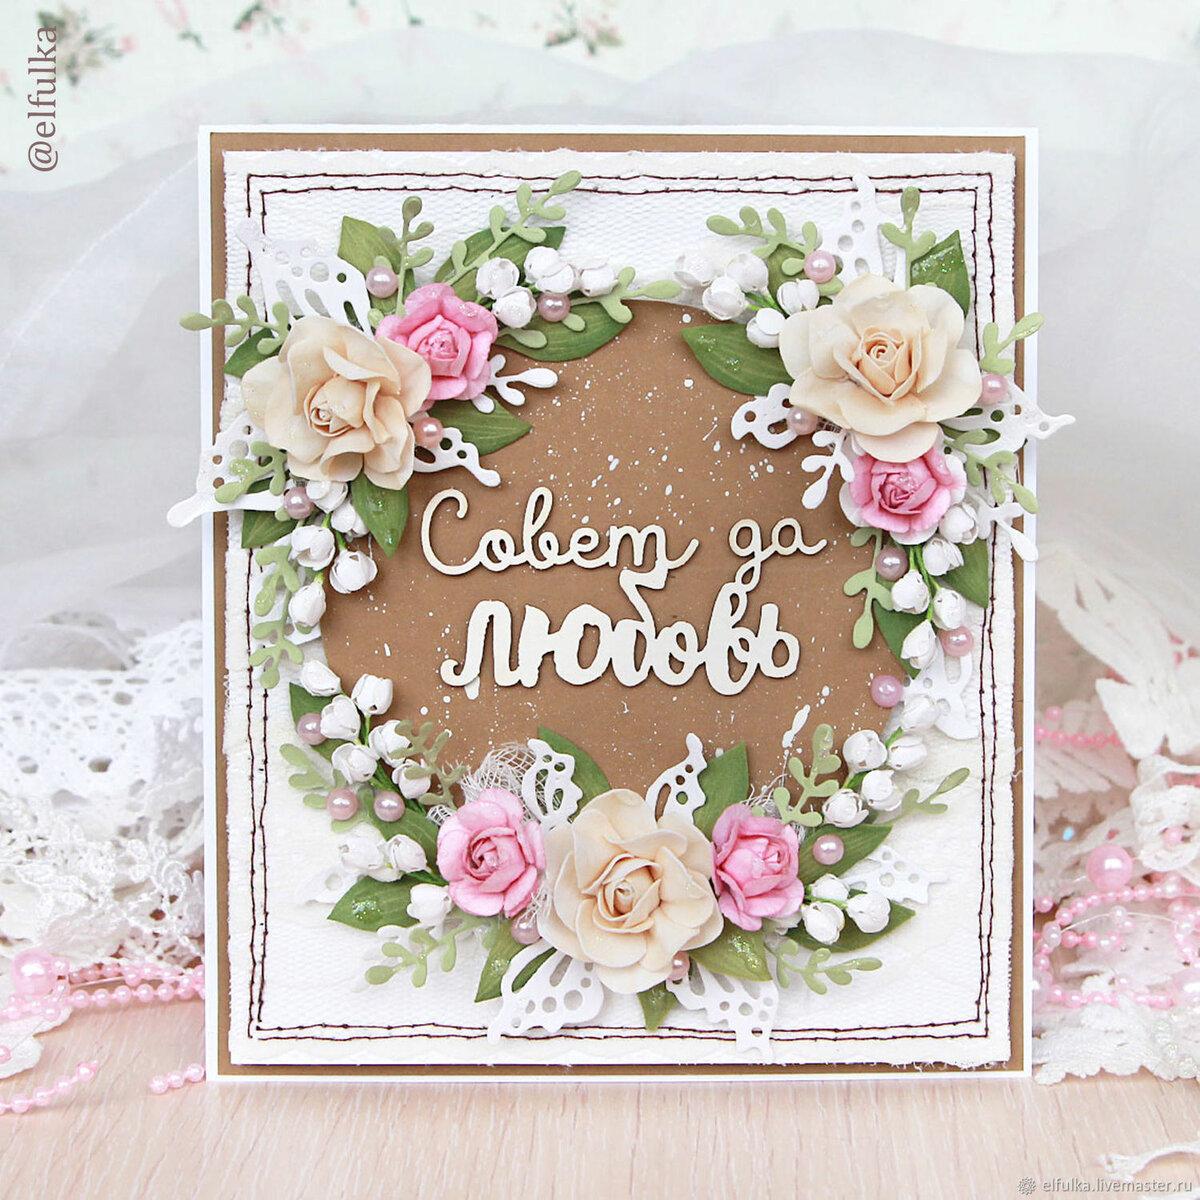 Именные открытки с днем свадьбы на заказ, приколы удивления поздравления